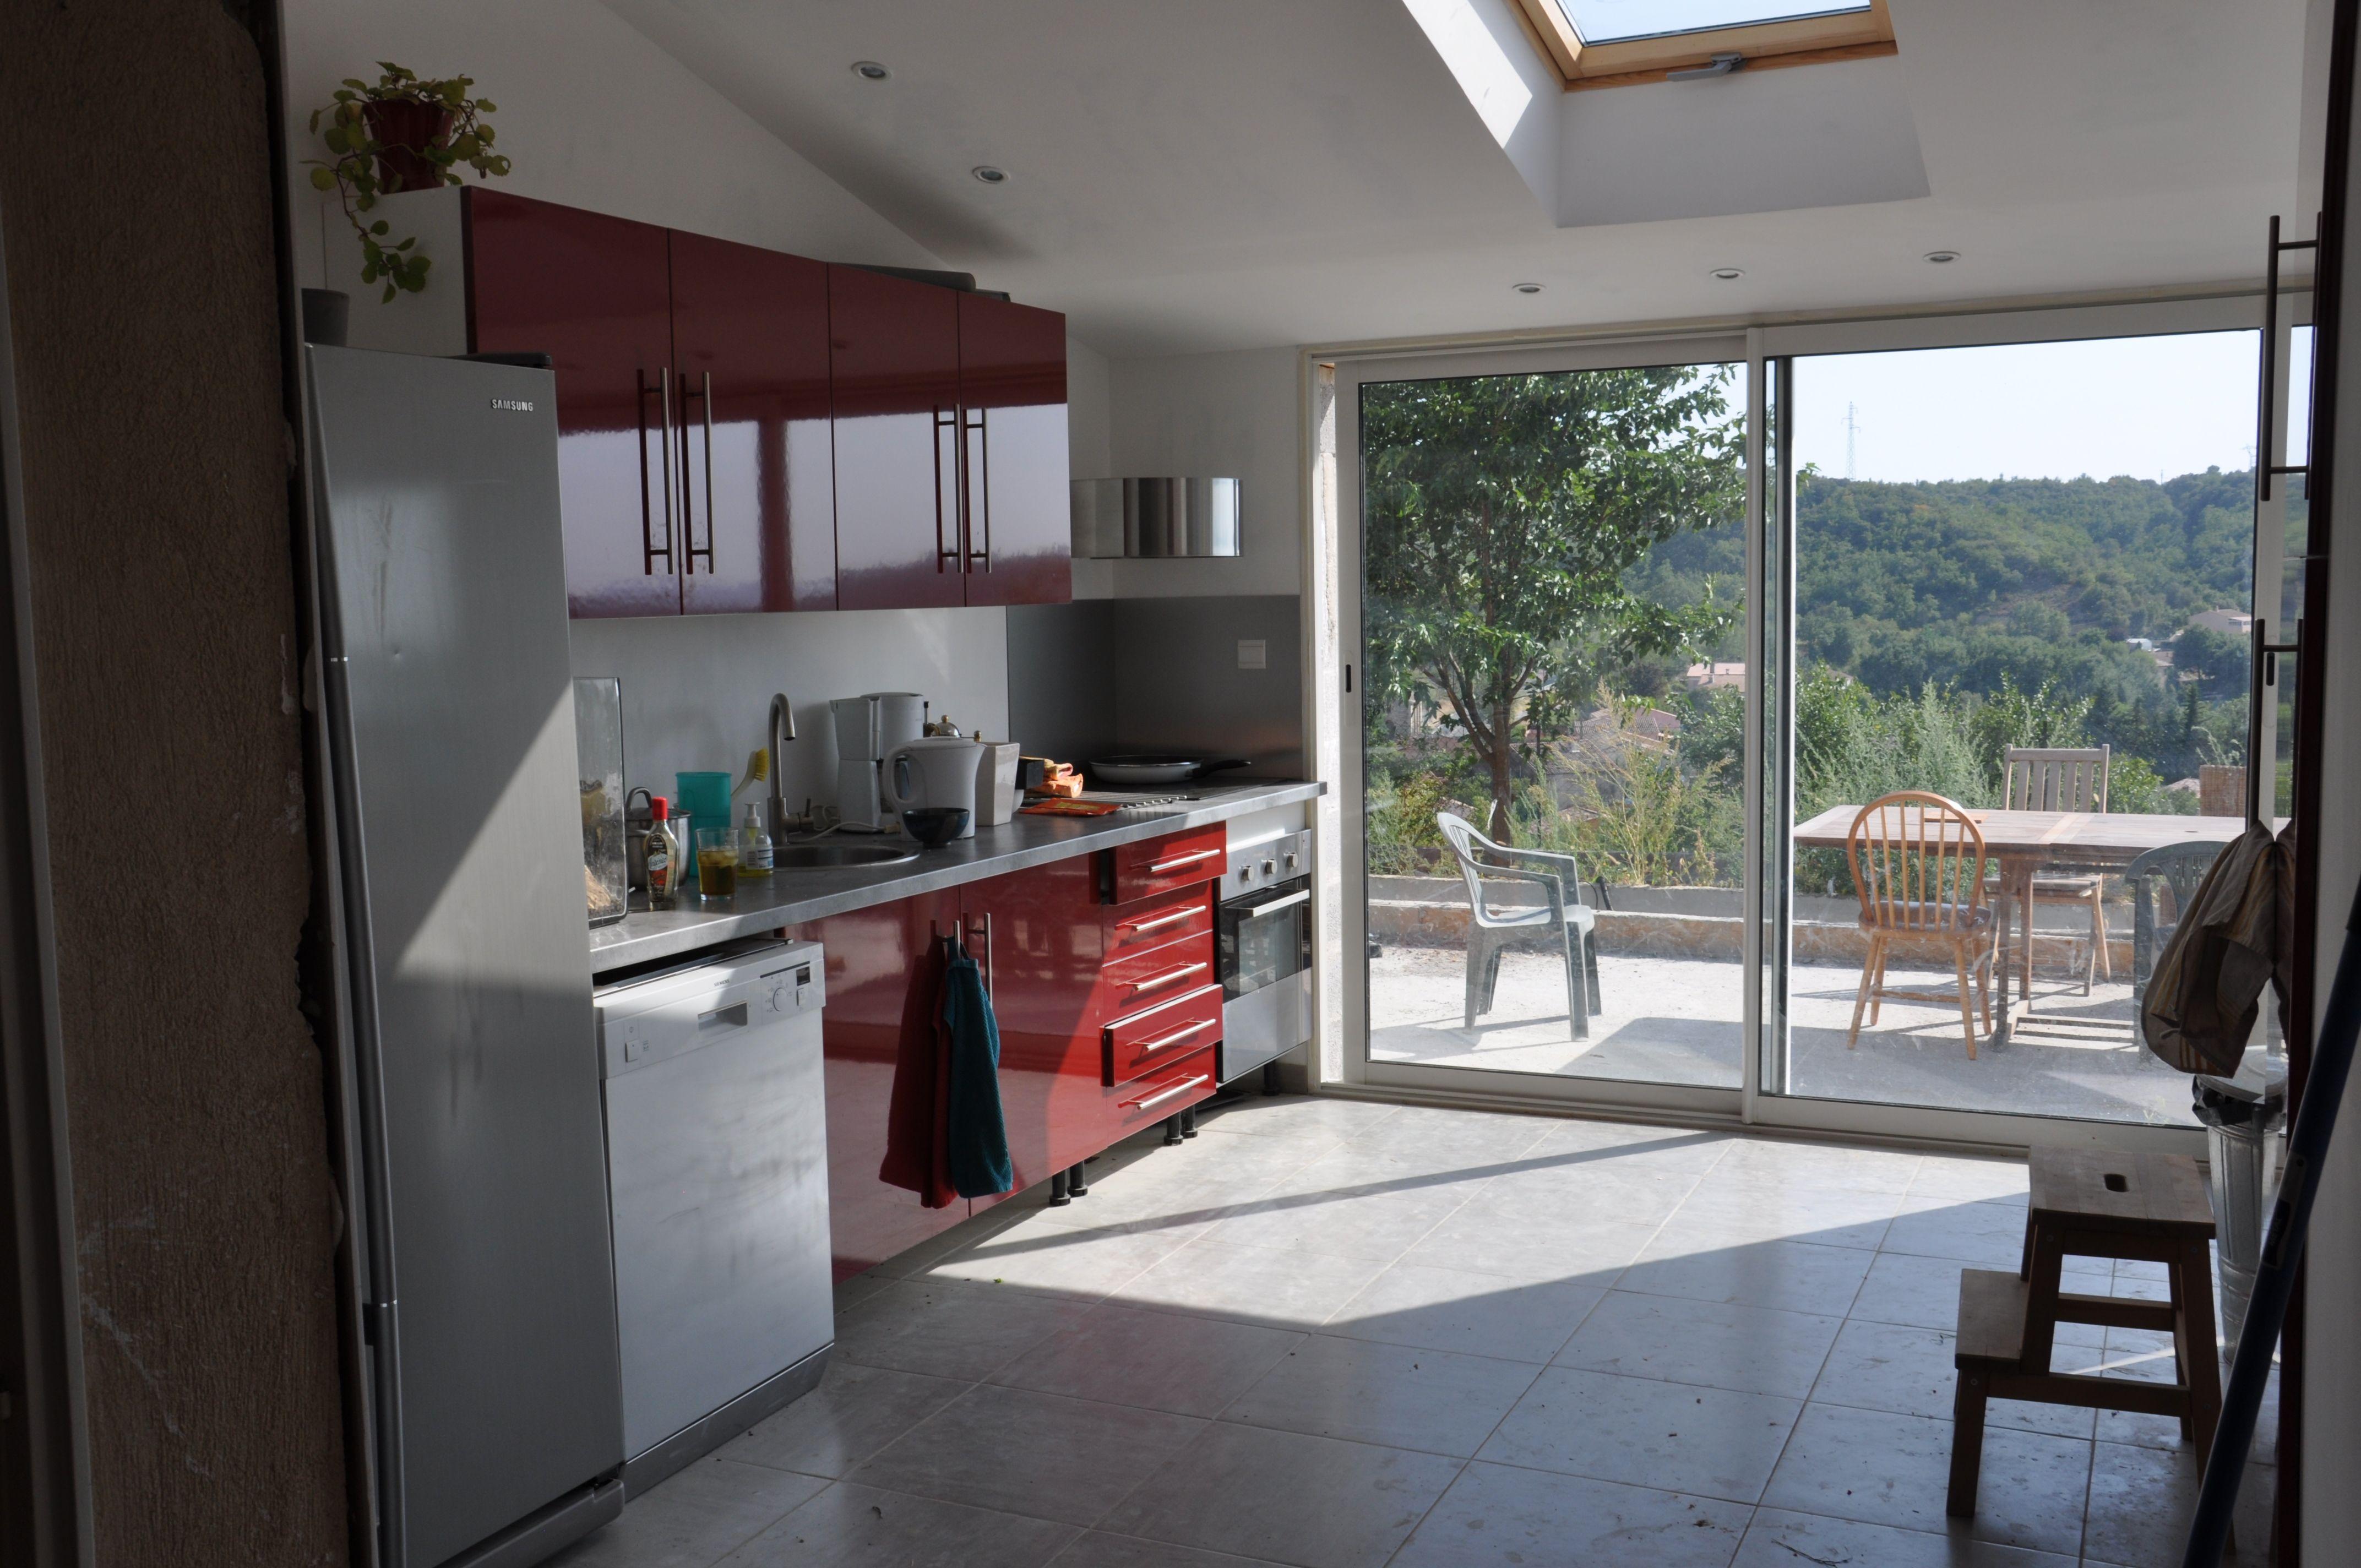 Colocation Vinon-sur-Verdon ETUDIANT & Location Chambre à louer Vinon-sur-Verdon ETUDIANT | Loue chambre meublée Vinon-sur-Verdon ETUDIANT | Logement Vinon-sur-Verdon ETUDIANT